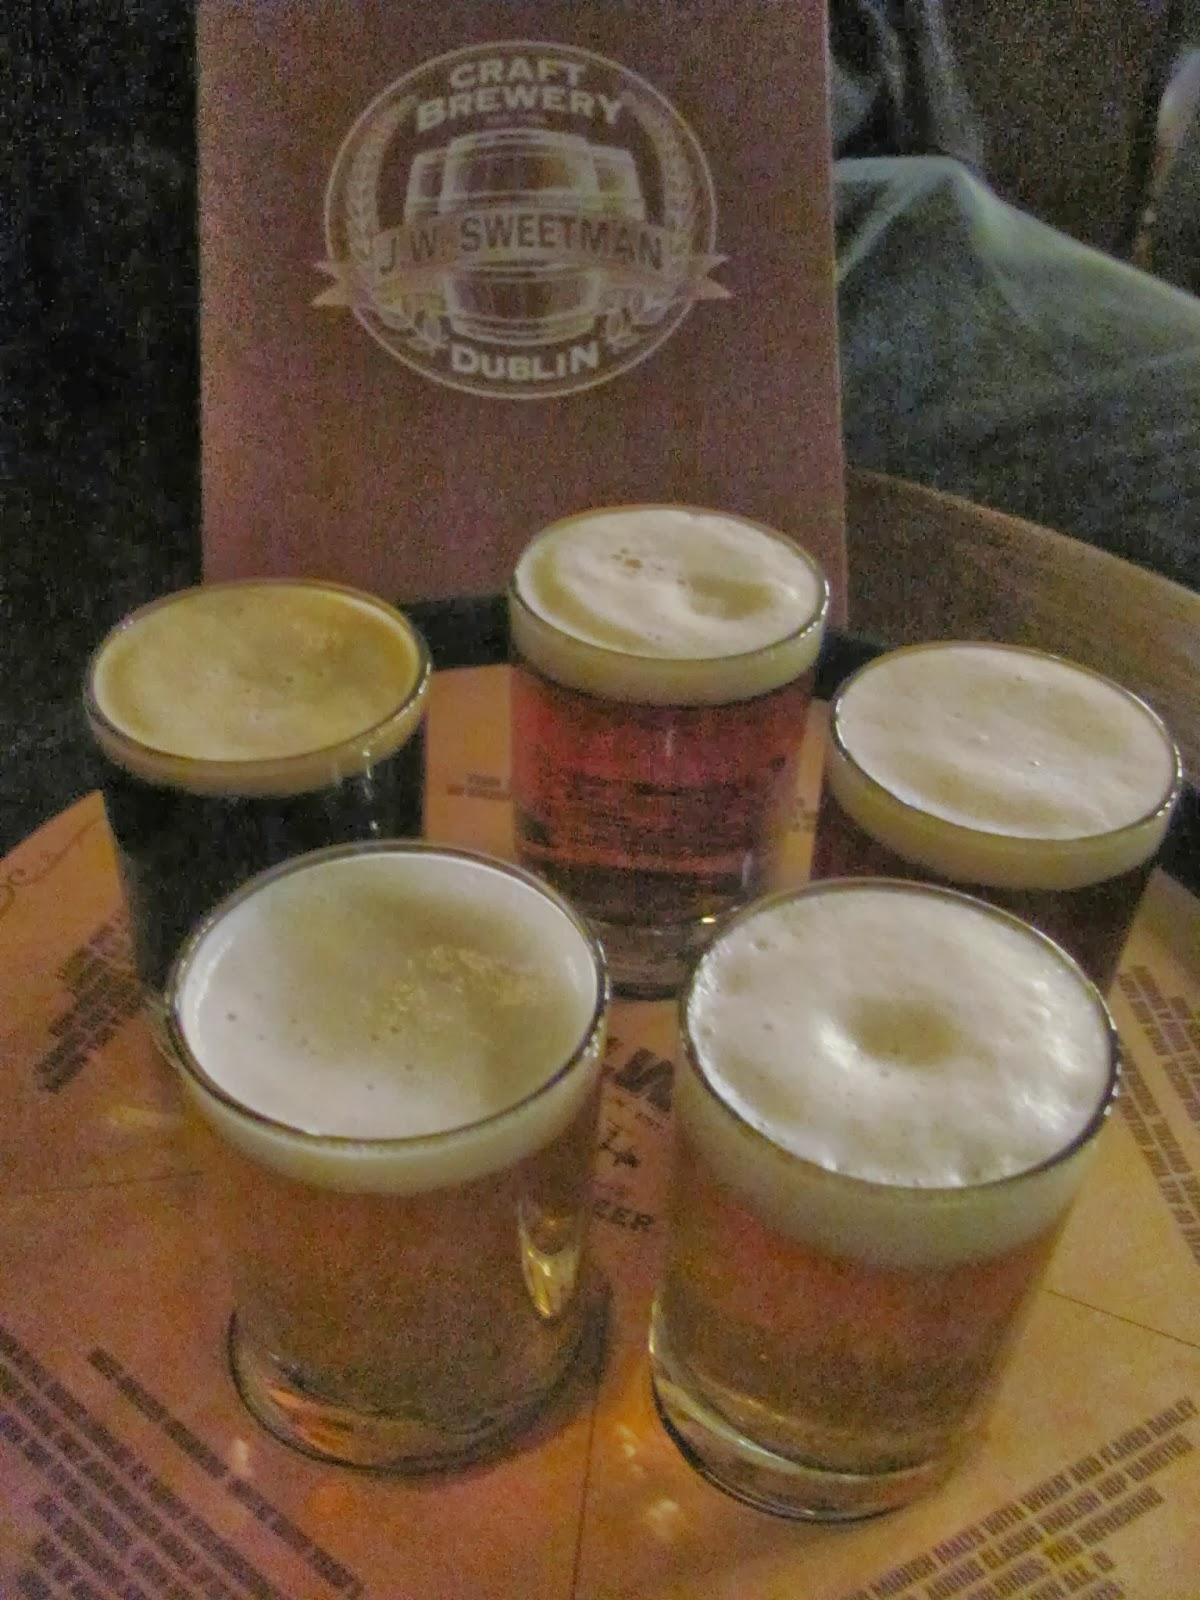 A flight of beers by J.W. Sweetman Dublin, Ireland